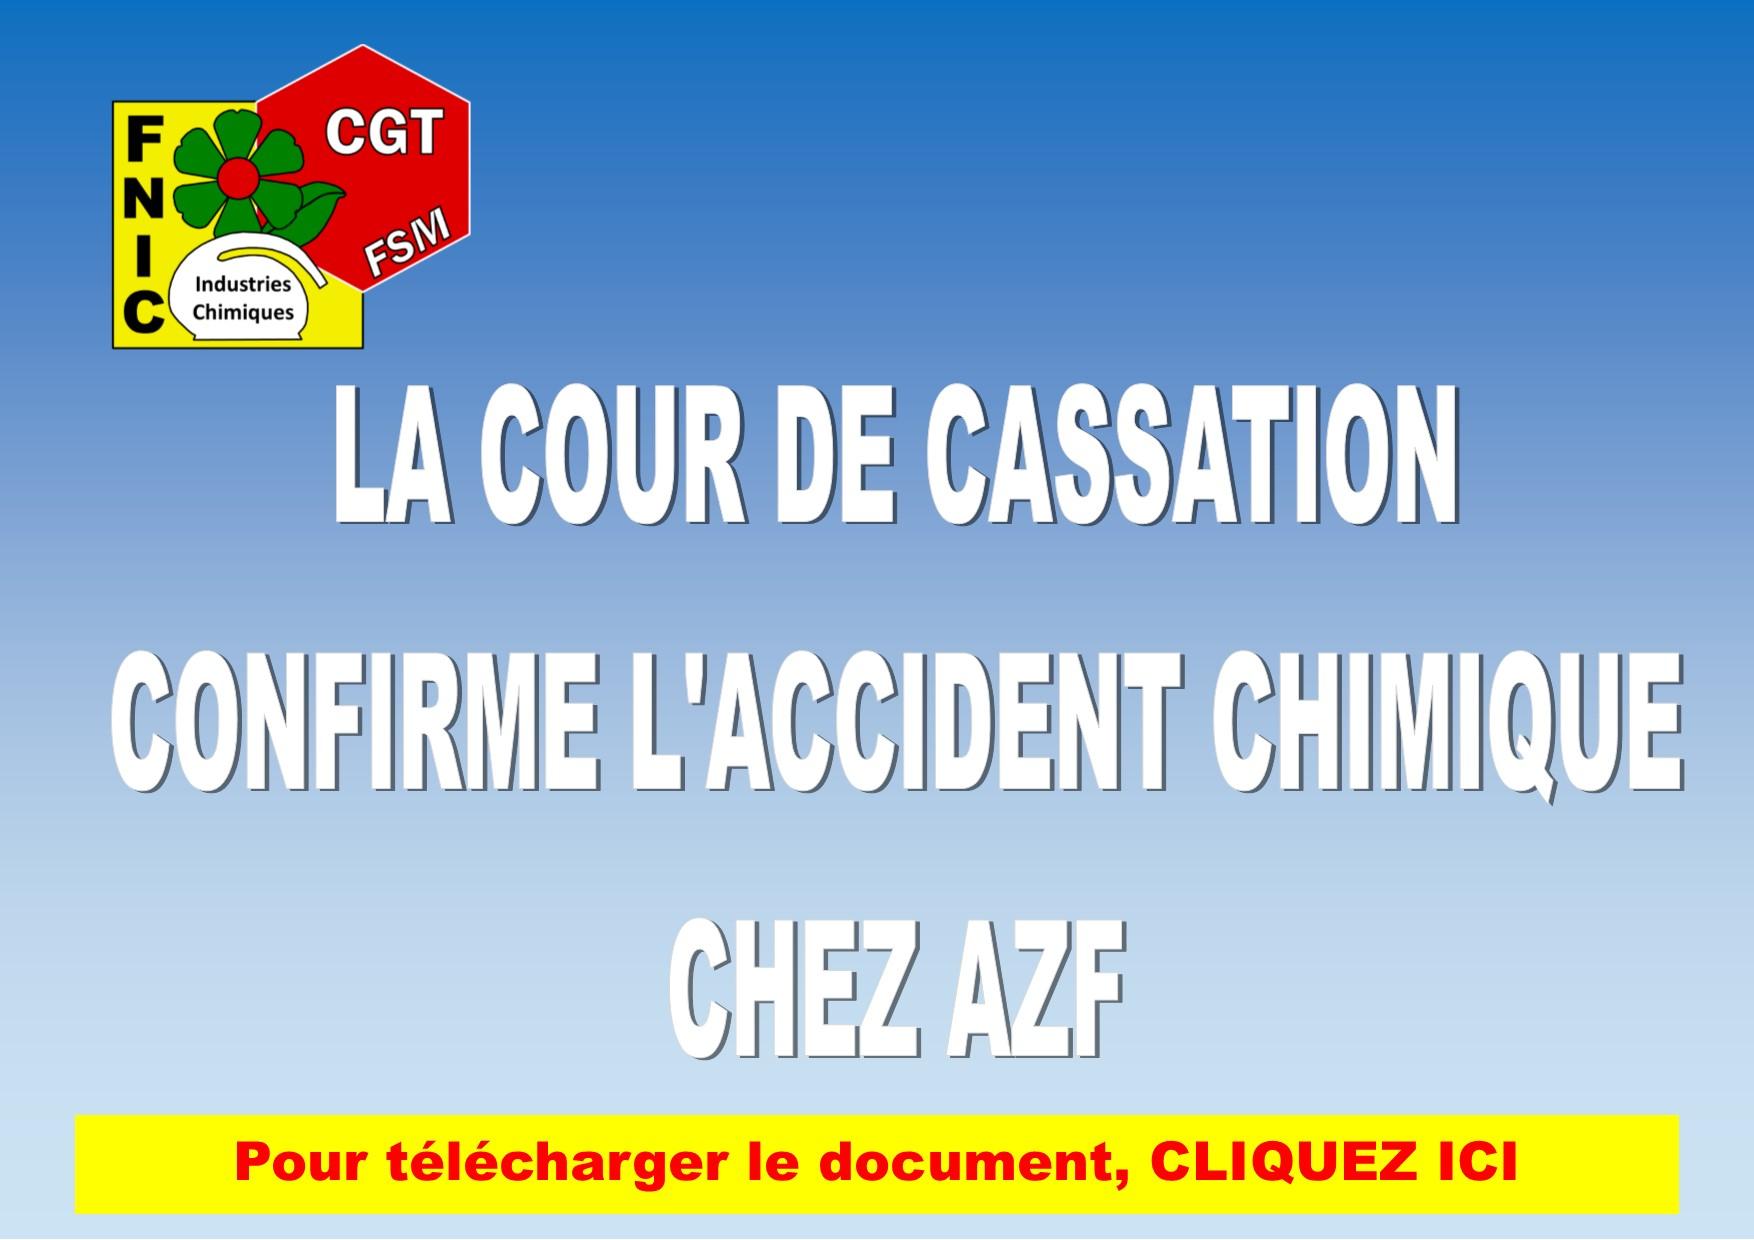 LA COUR DE CASSATION CONFIRME L'ACCIDENT CHIMIQUE CHEZ AZF